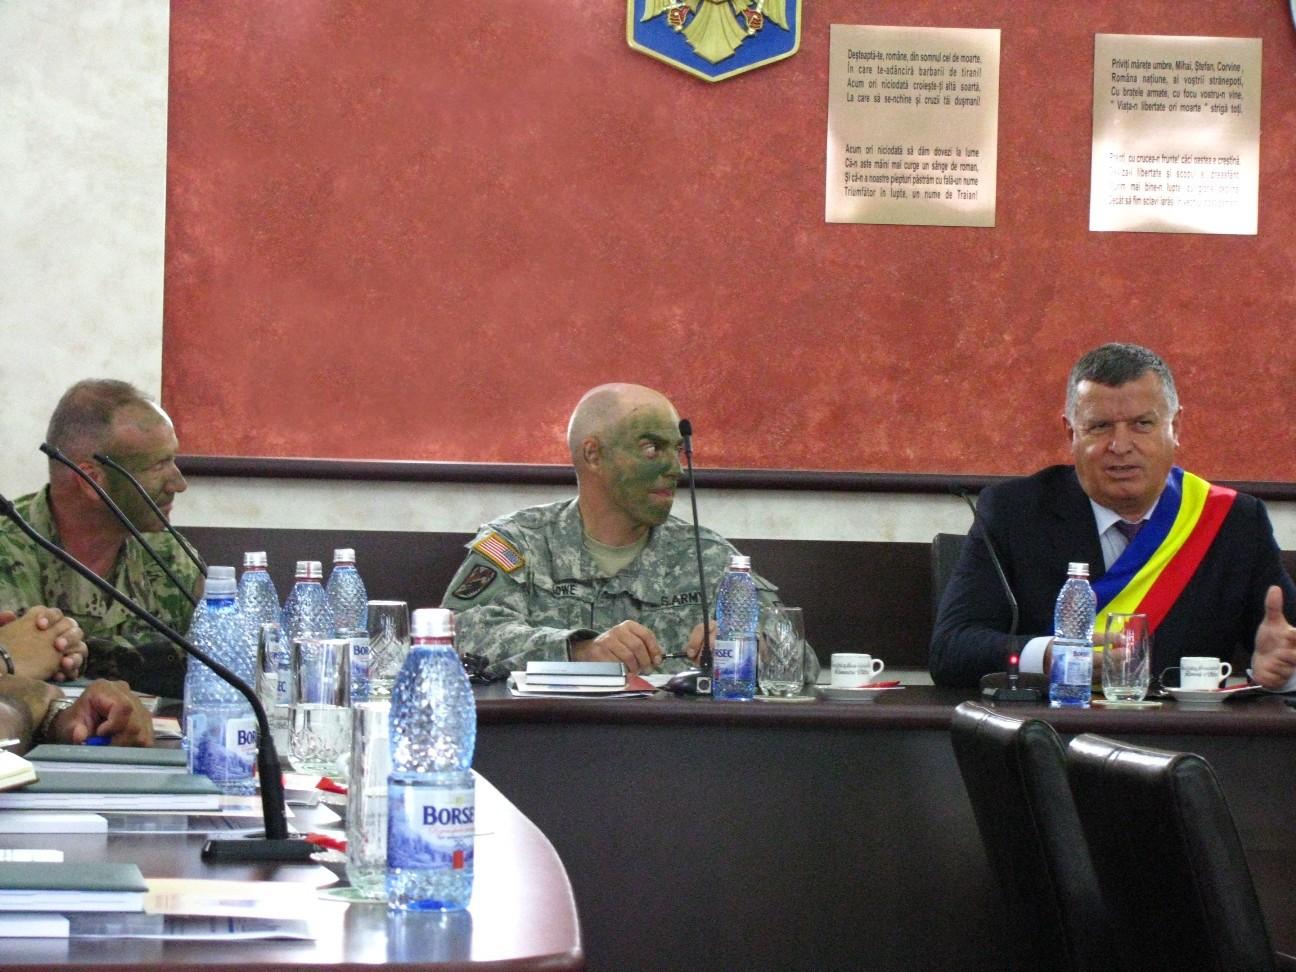 FOTO Soldaţii americani sosiţi la Saber Guardian, la întâlnire cu autorităţile locale din Vâlcea